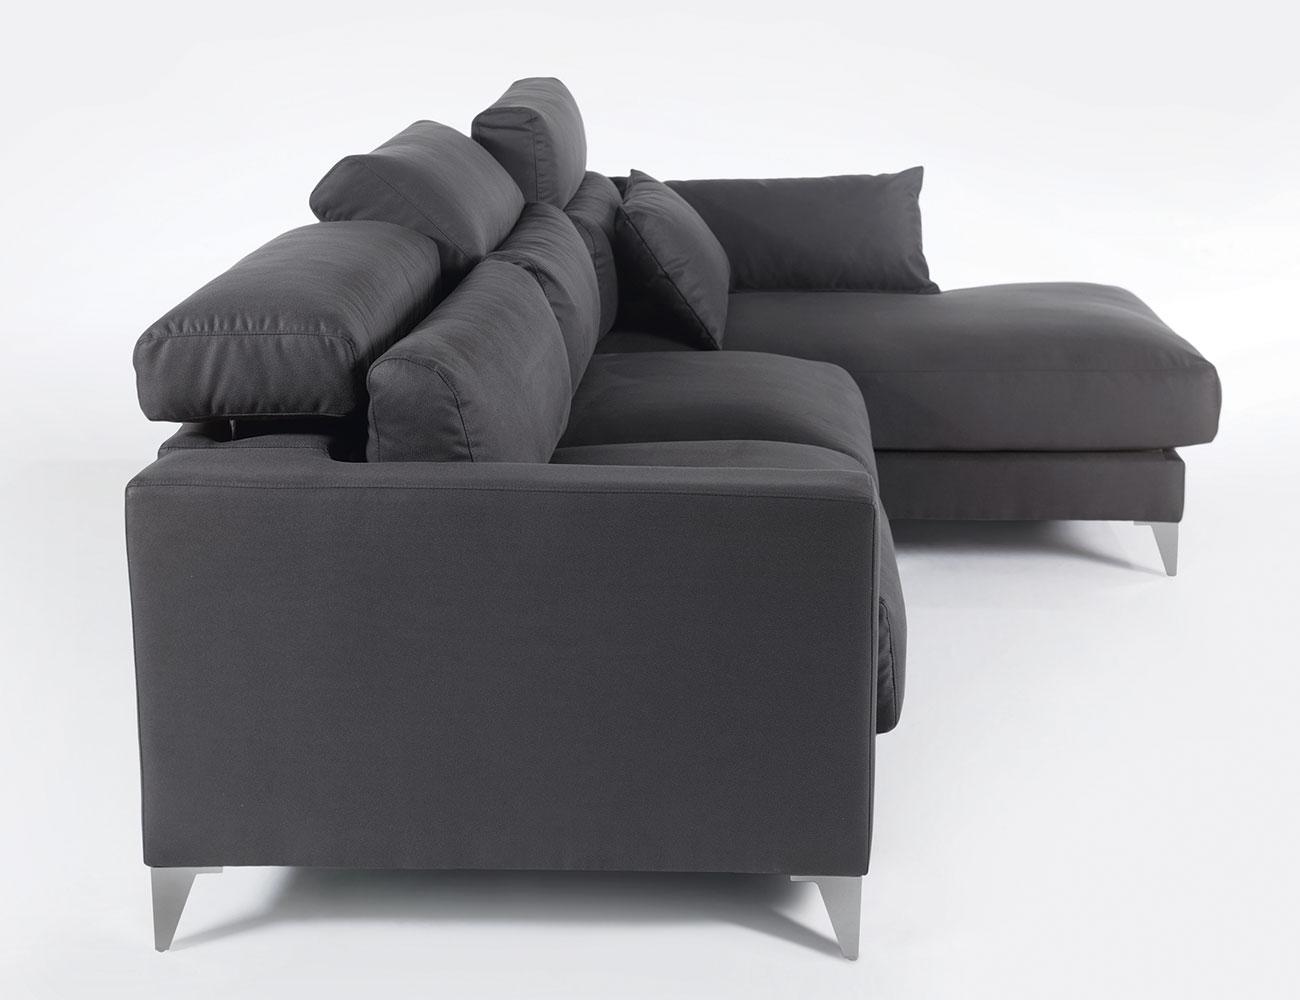 Sofa chaiselongue gran lujo decorativo grafito 126